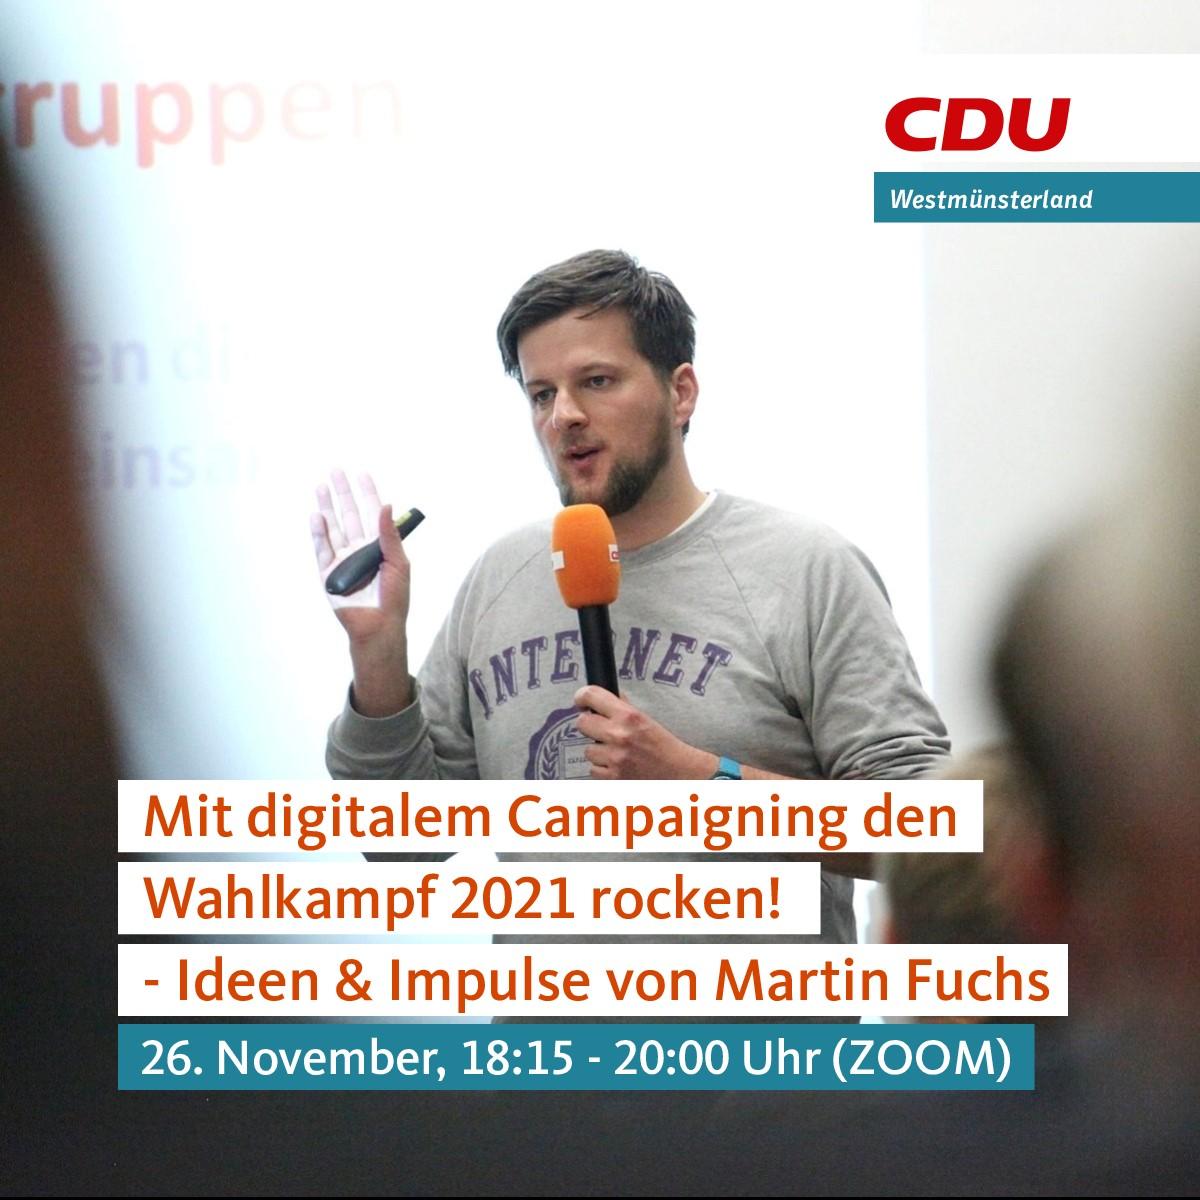 Mit digitalem Campaigning den Wahlkampf 2021 rocken!